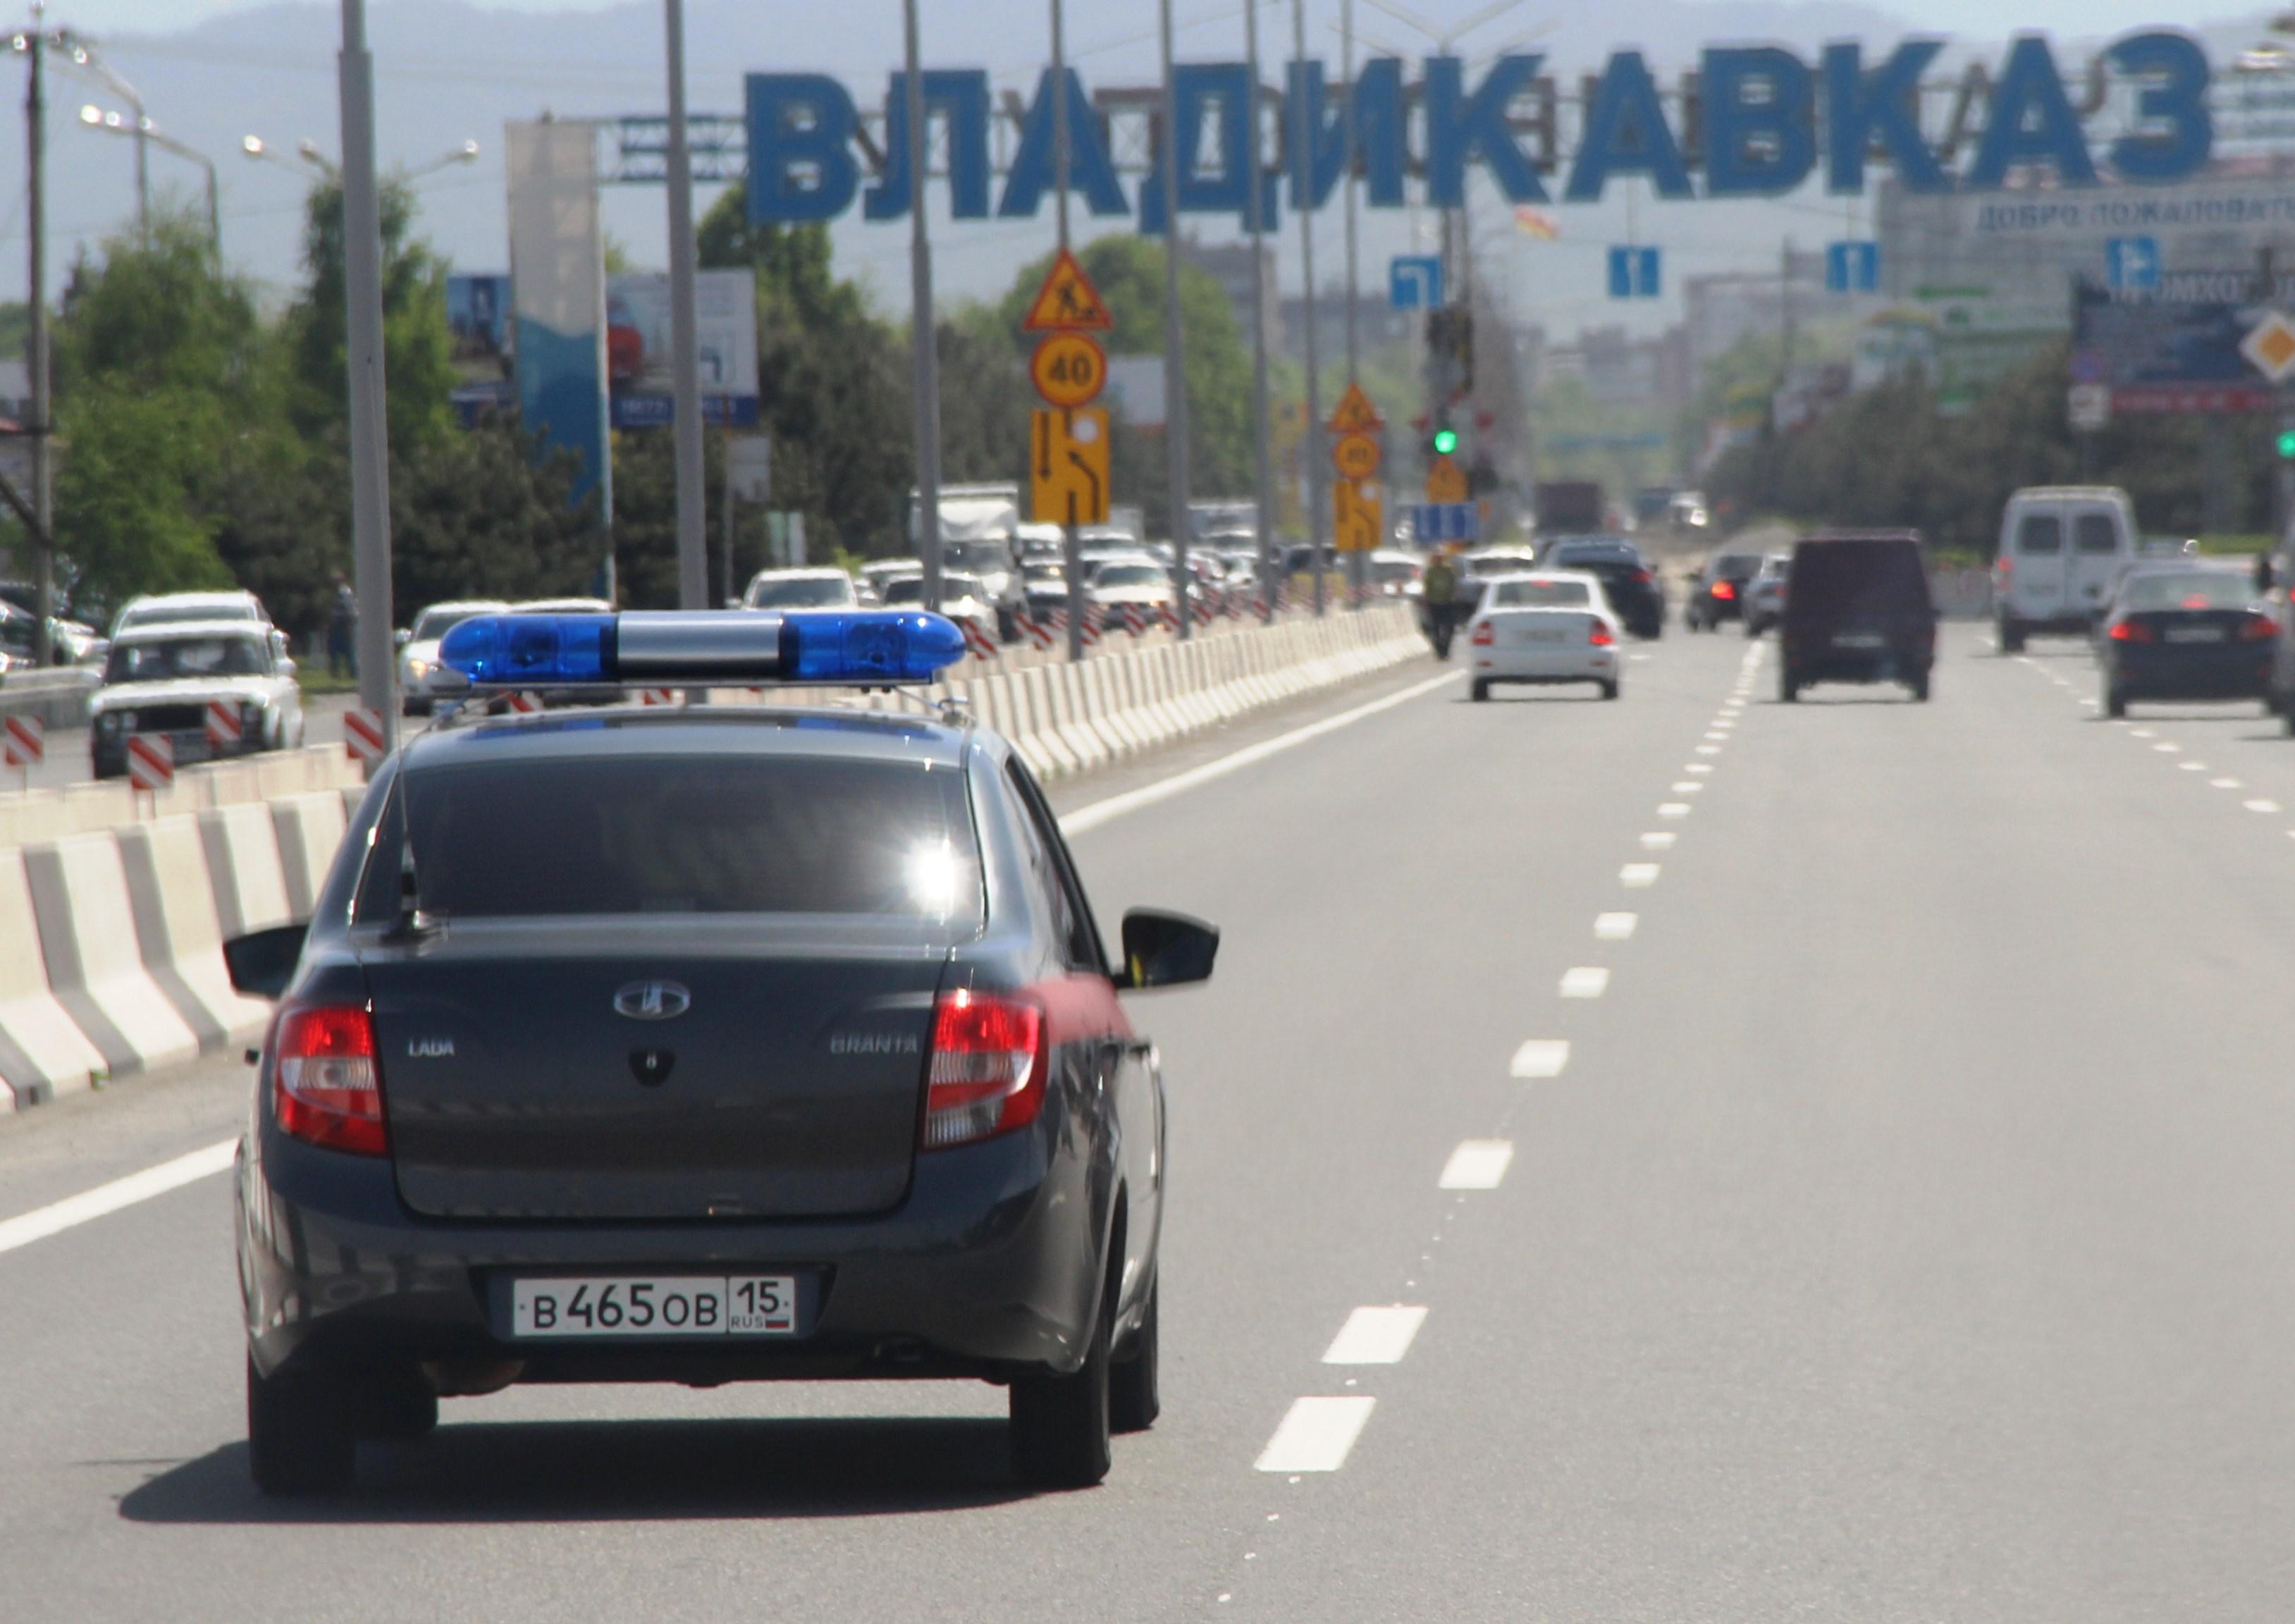 Во Владикавказе росгвардейцы задержали мужчину, сломавшего рекламную конструкцию